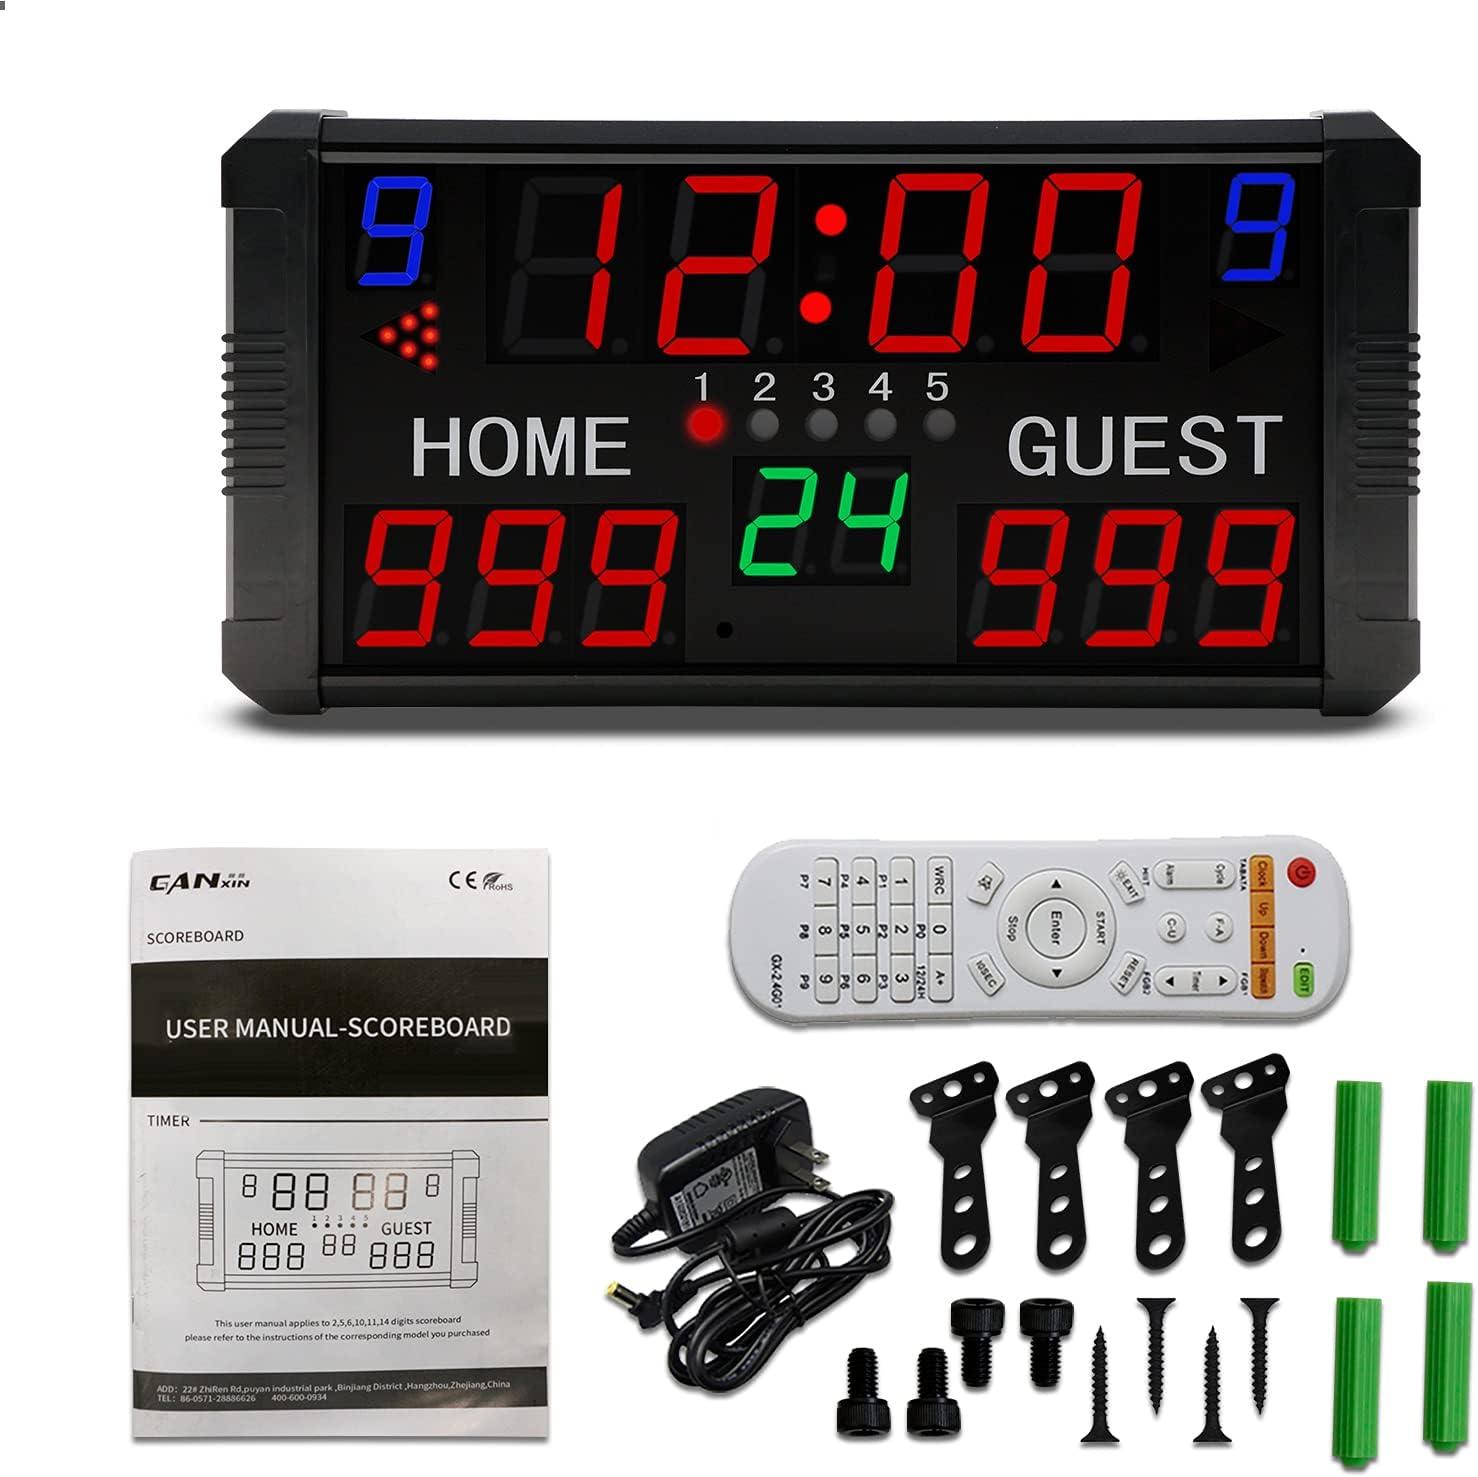 GAN XIN Marcador LED de 14 dígitos de visualización multi deportes electrónico marcador para baloncesto tenis de fútbol temporizador